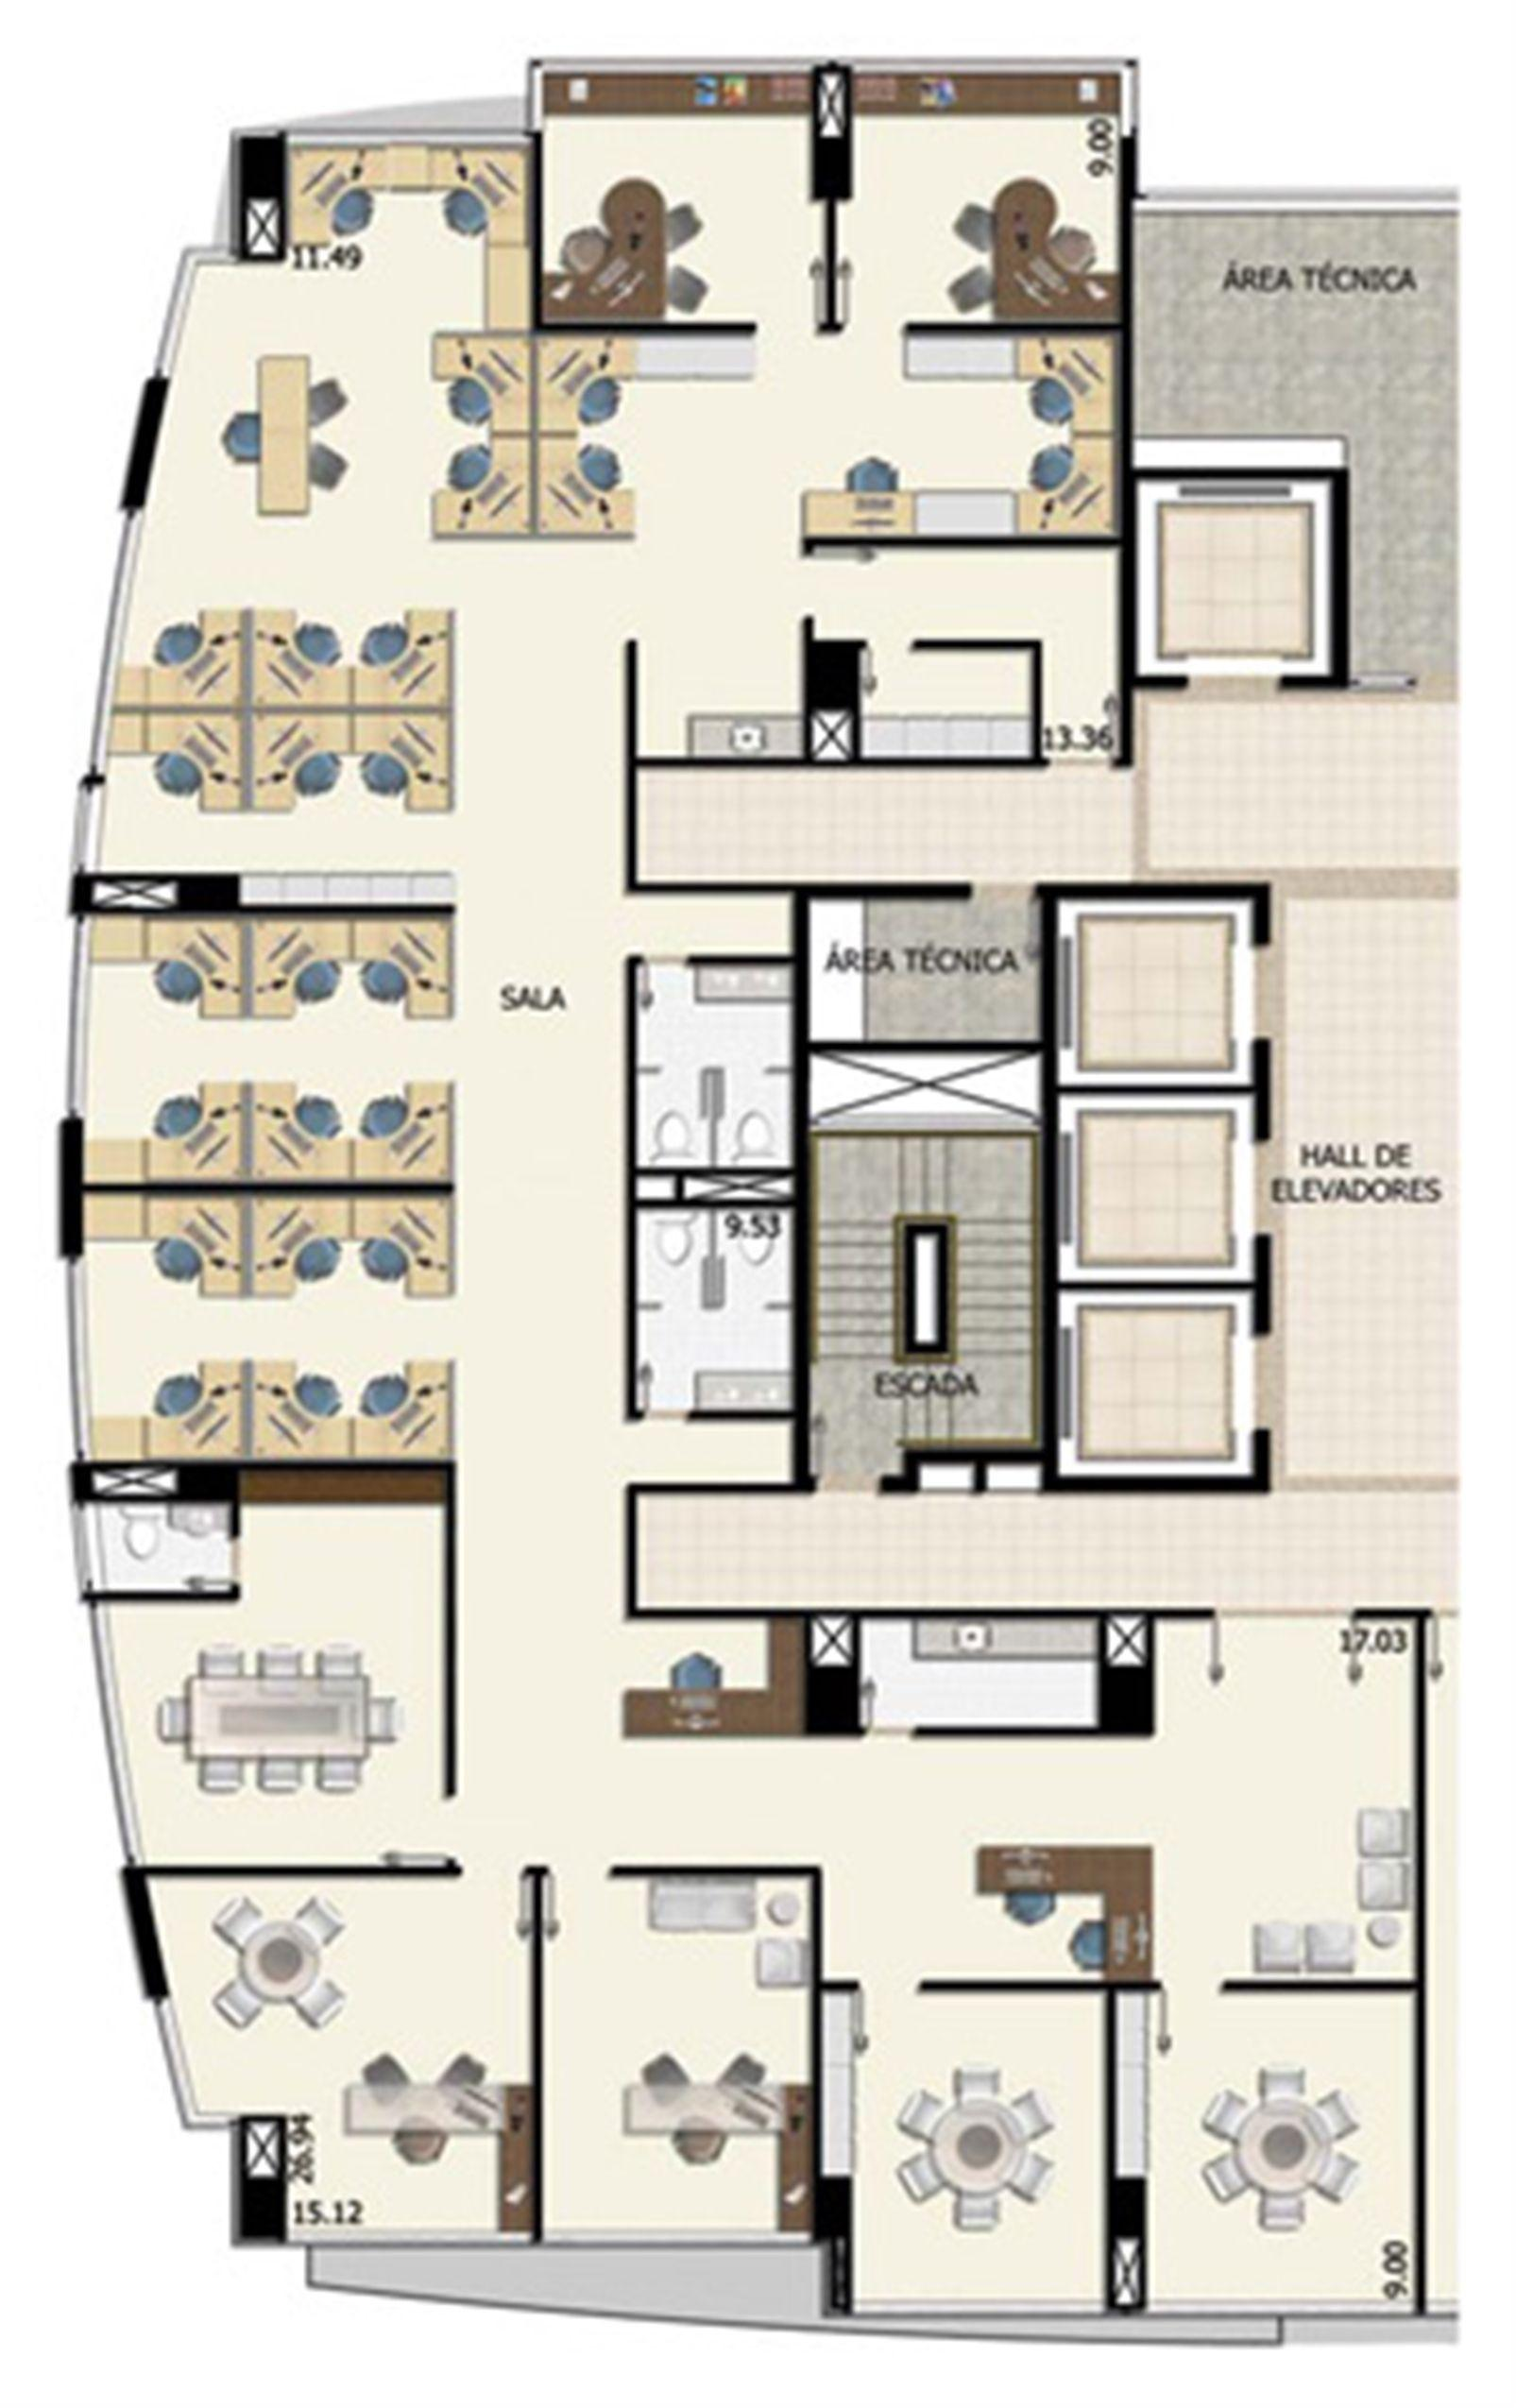 Conjunto corporativo meio andar - 333,85 m² | Salvador Shopping Business – Salas Comerciais  Ao lado do Salvador Shopping - Salvador - Bahia